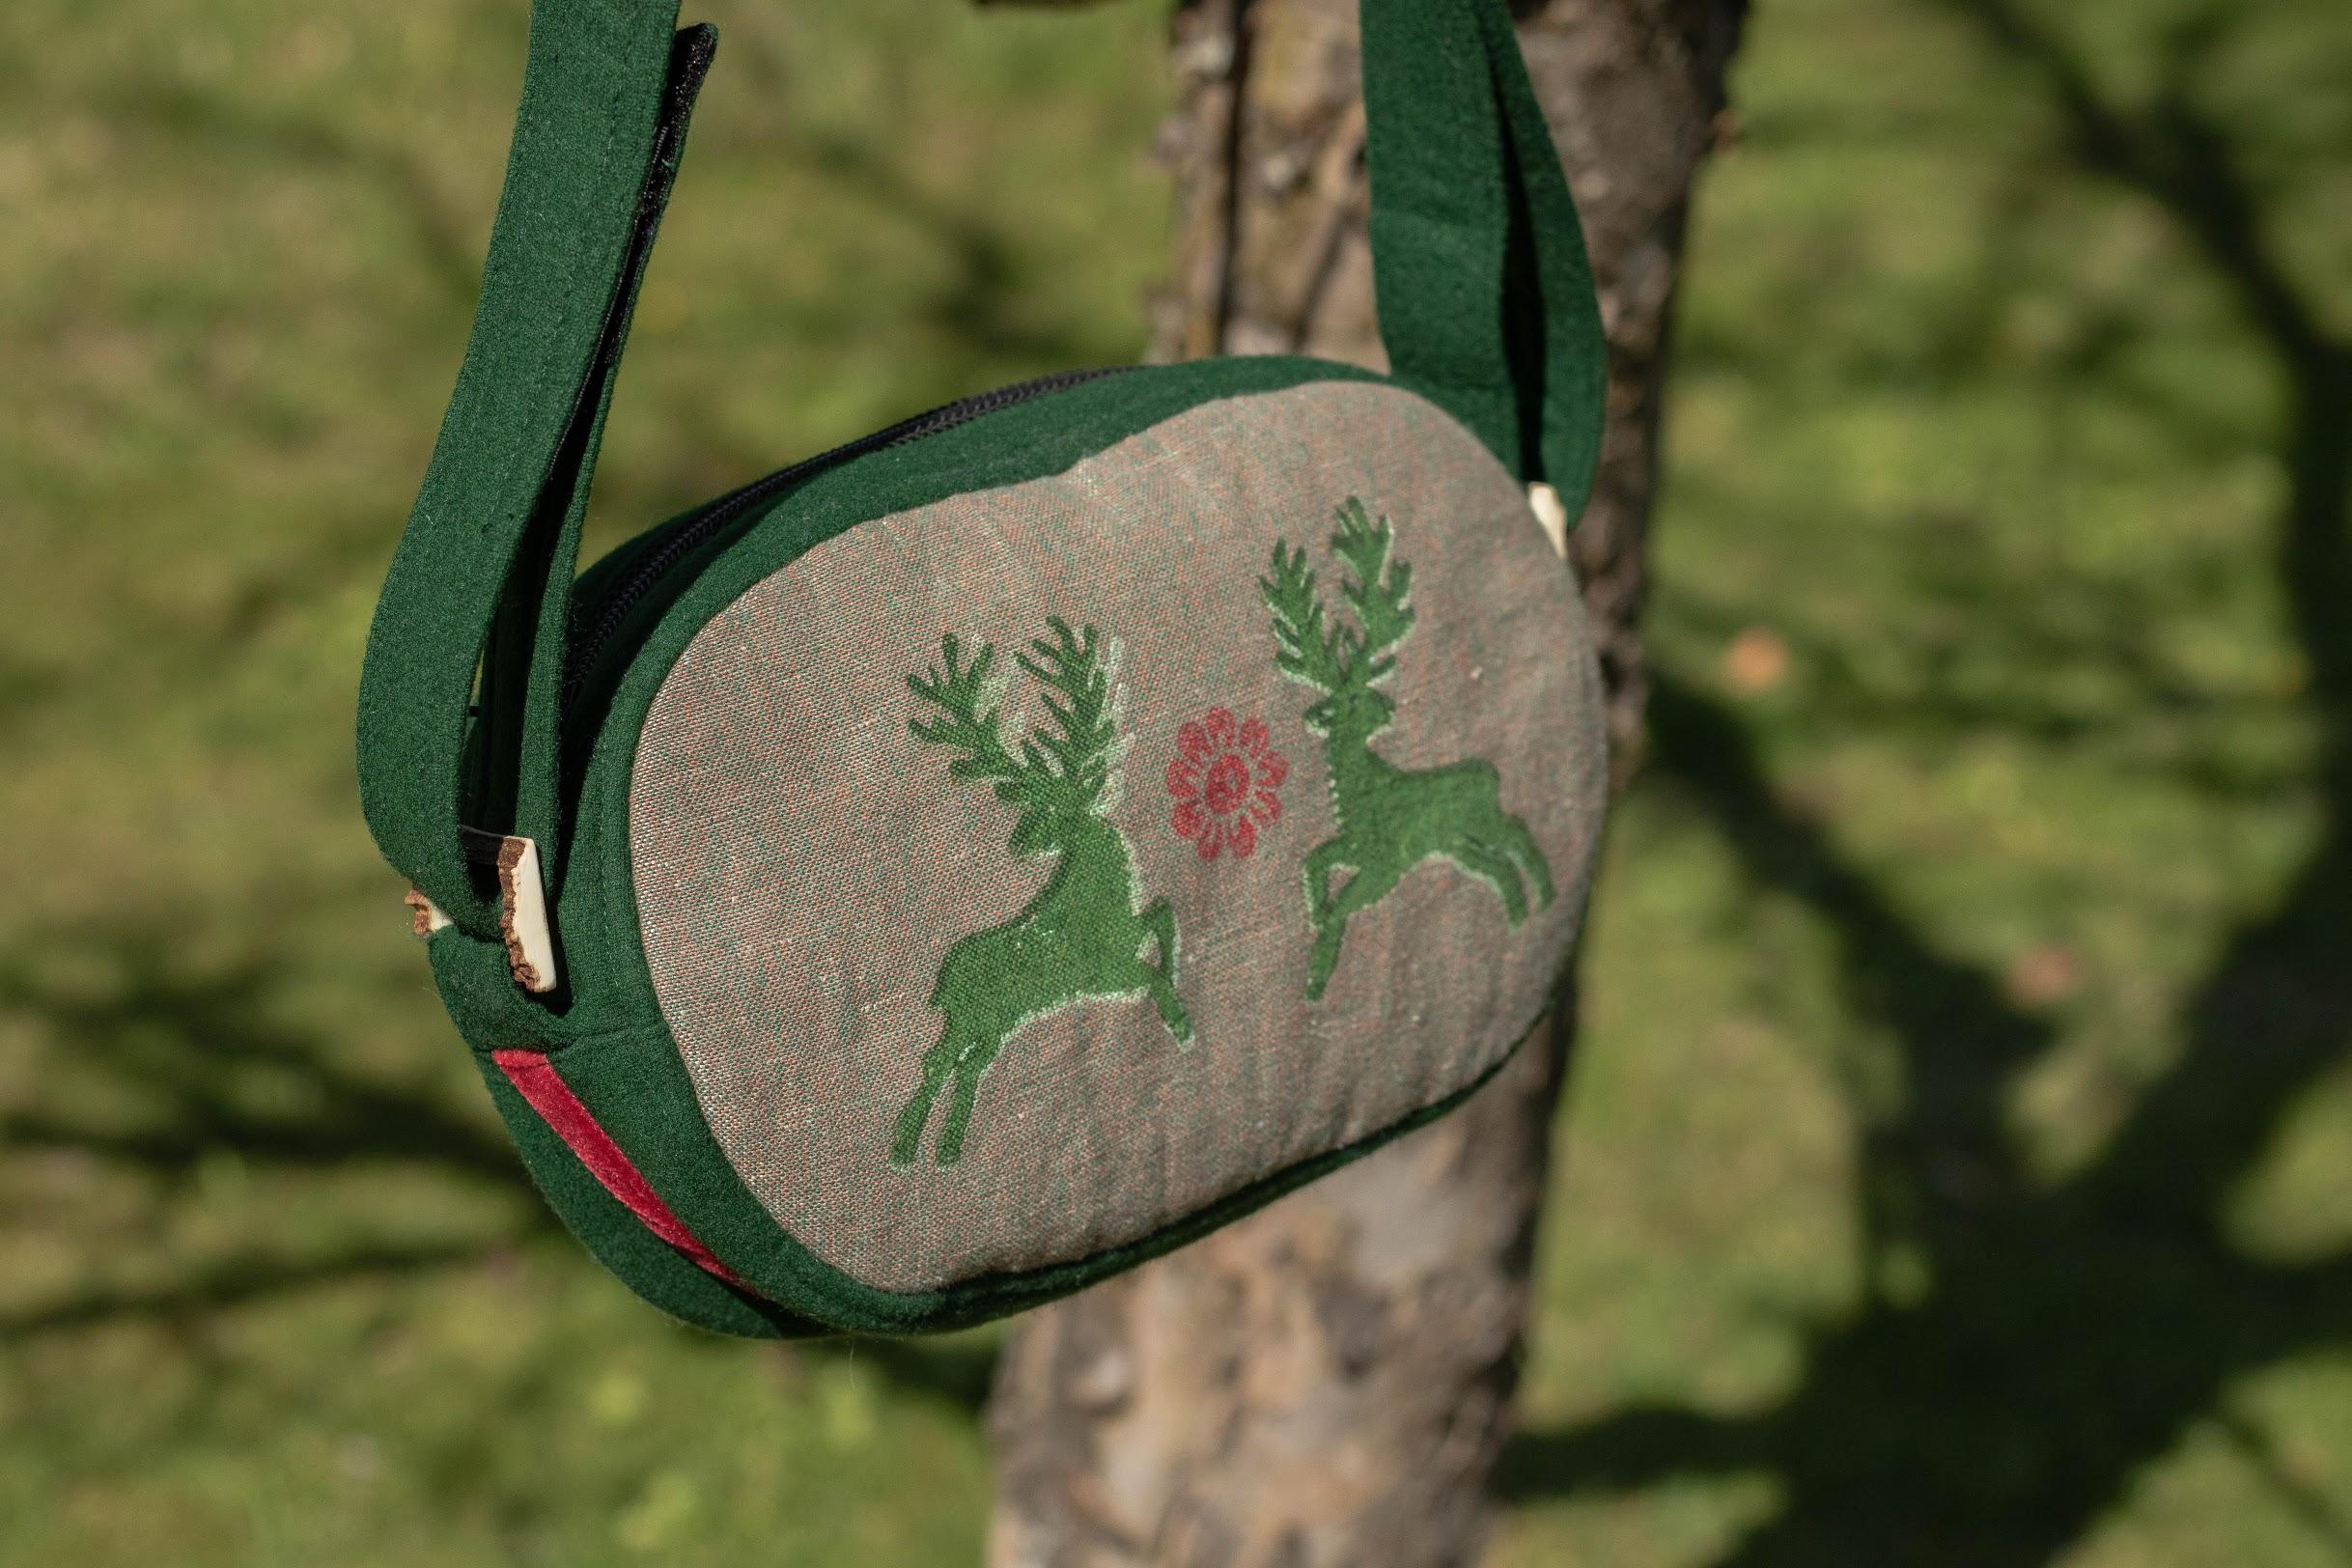 Geschenkidee für Jäger gesucht?